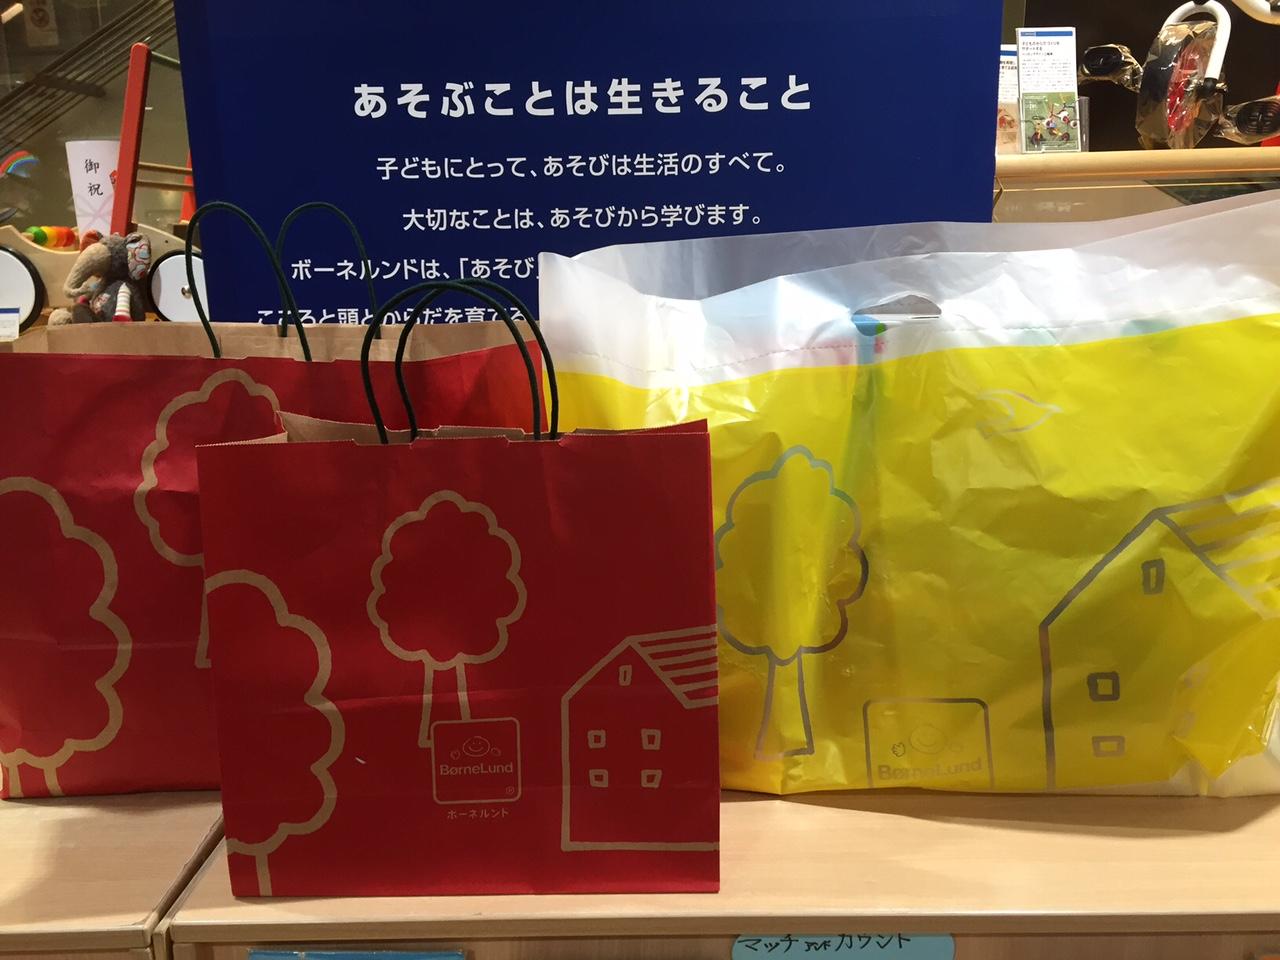 ボーネルンド水戸京成店20周年アニバーサリーフェア